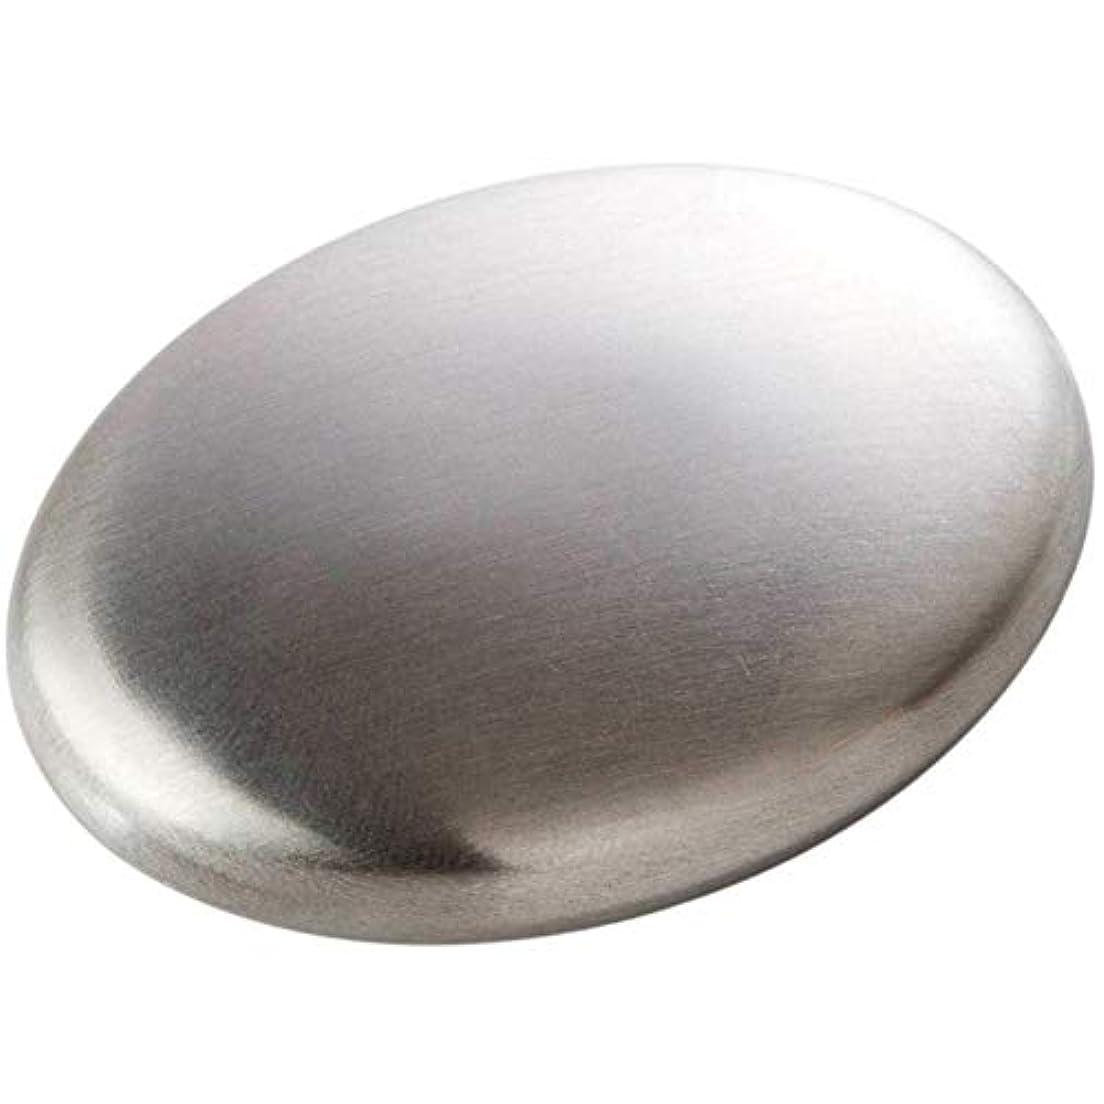 いいね砦十一せっけん ステンレス鋼 消臭 石鹸 にんにくと魚のような臭いを取り除き ステンレス鋼 臭気除去剤 匂い除去剤 最新型 人気 実用的 Cutelove